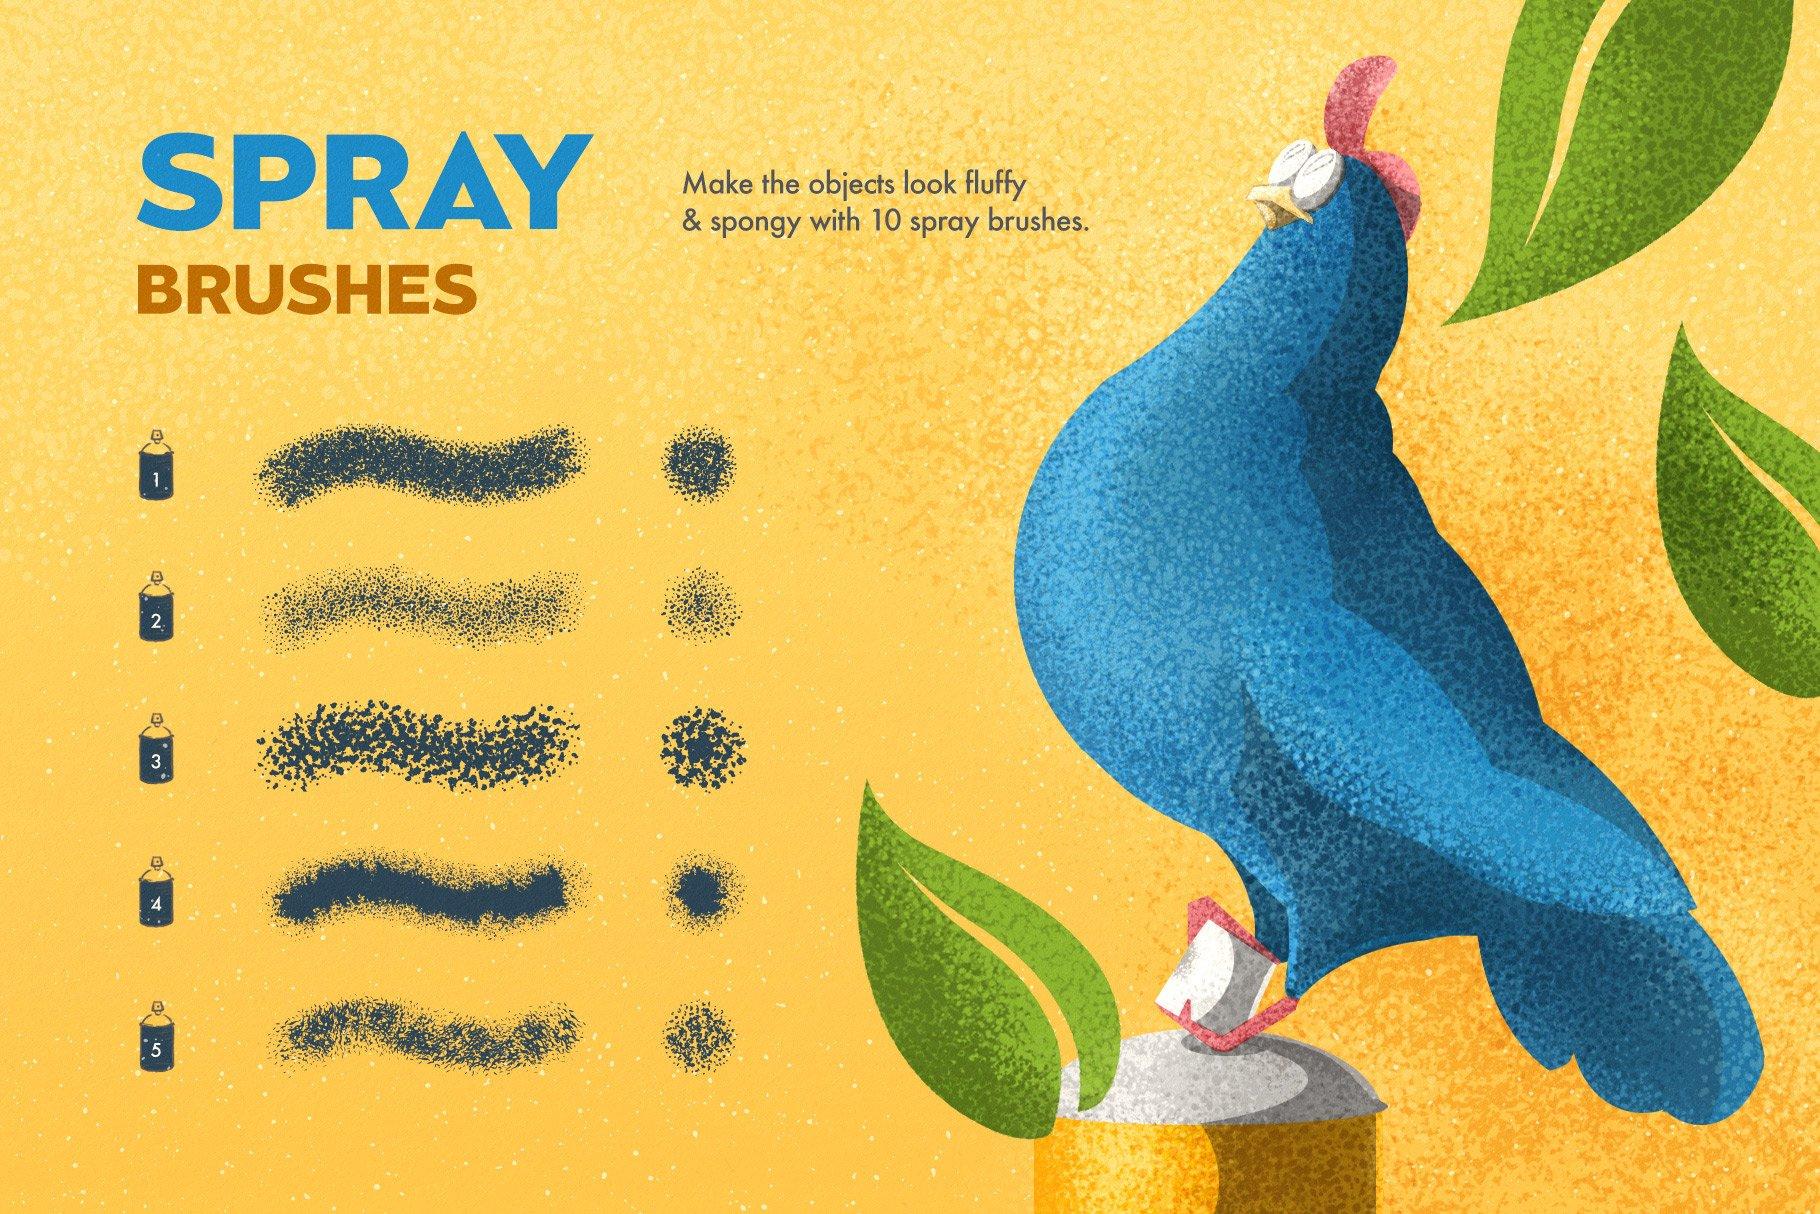 7 spray brushes 8